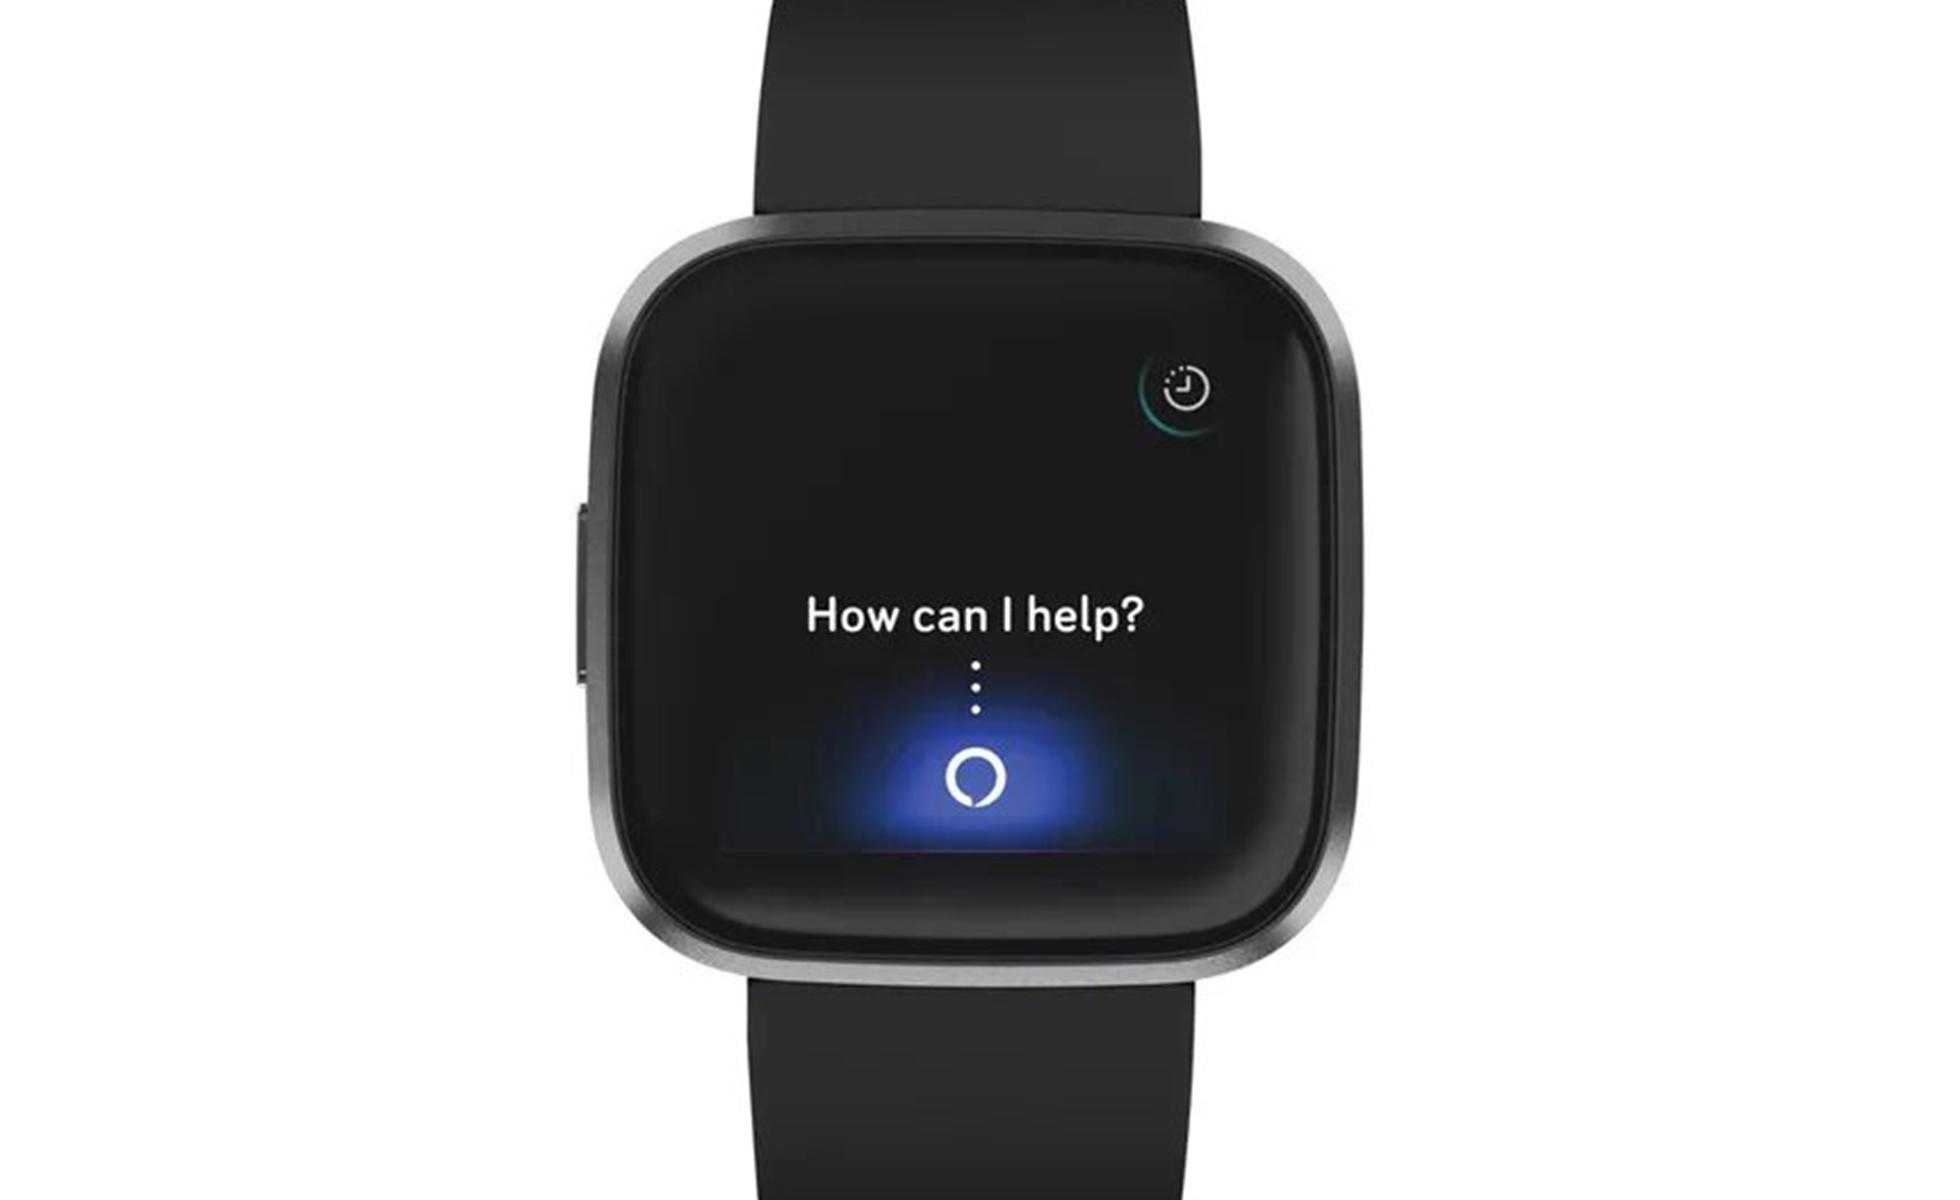 Fitbit s'inspire encore plus de l'Apple Watch avec sa nouvelle Versa